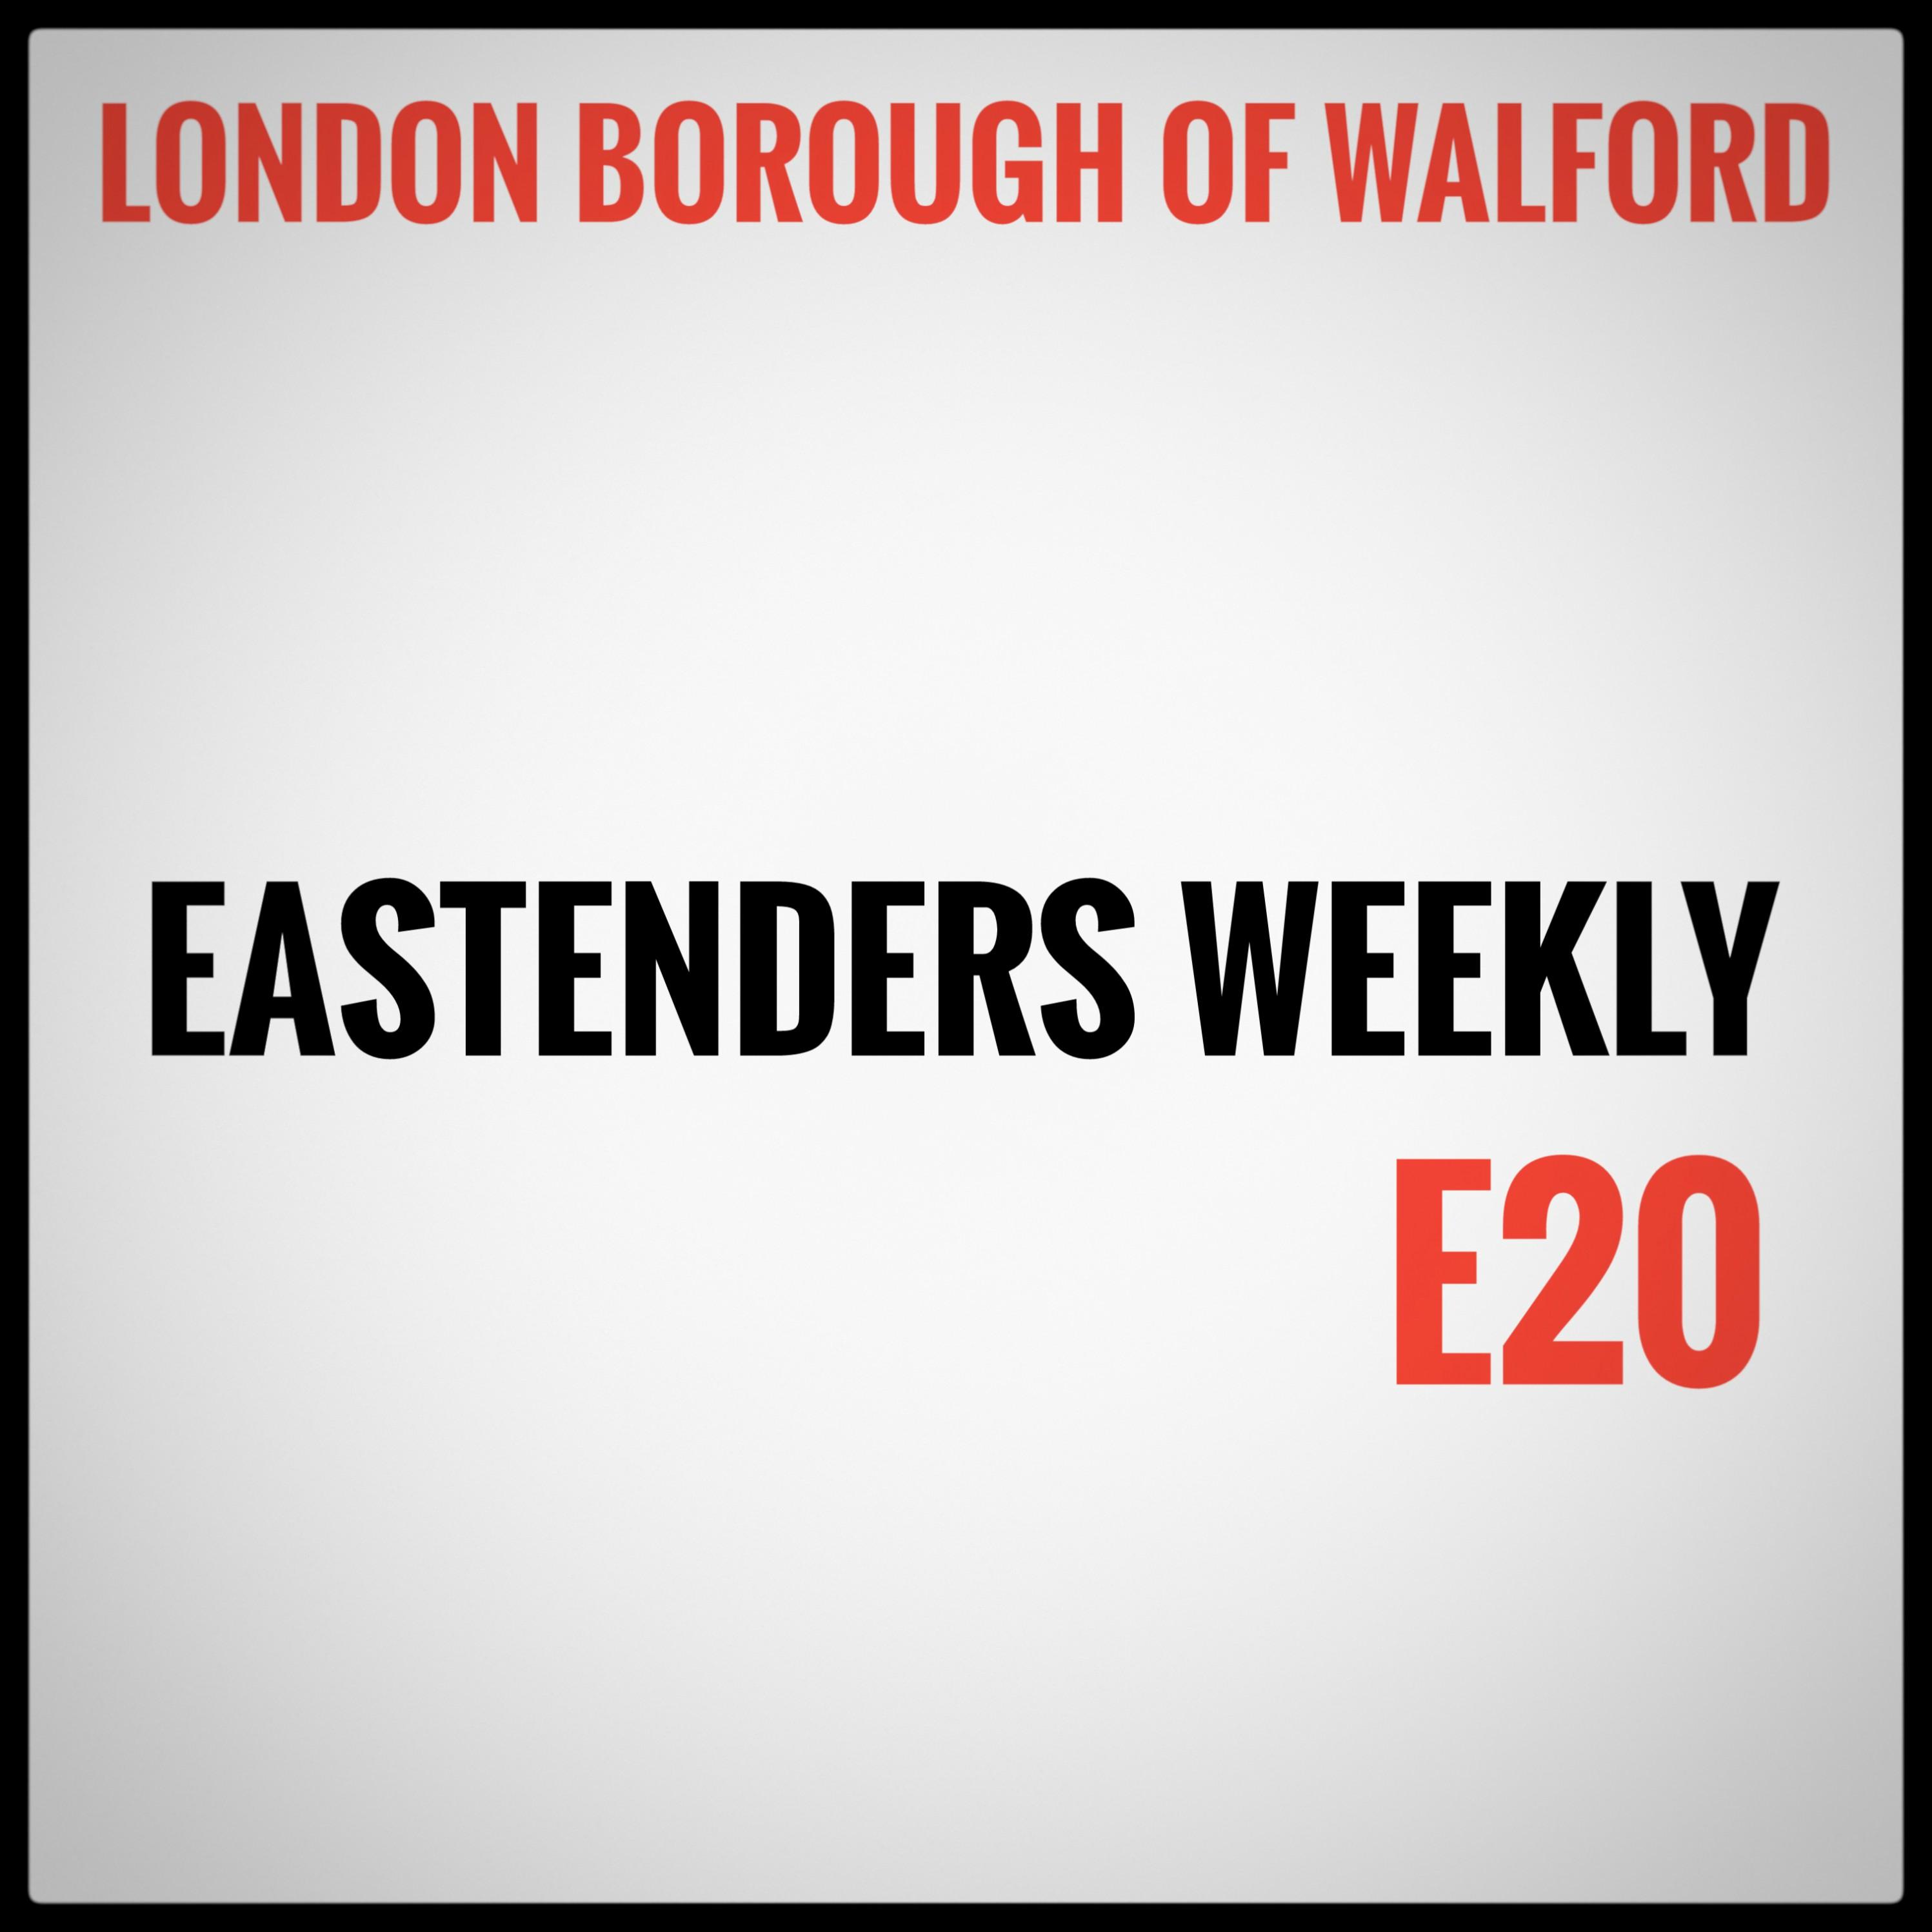 EastEnders Weekly